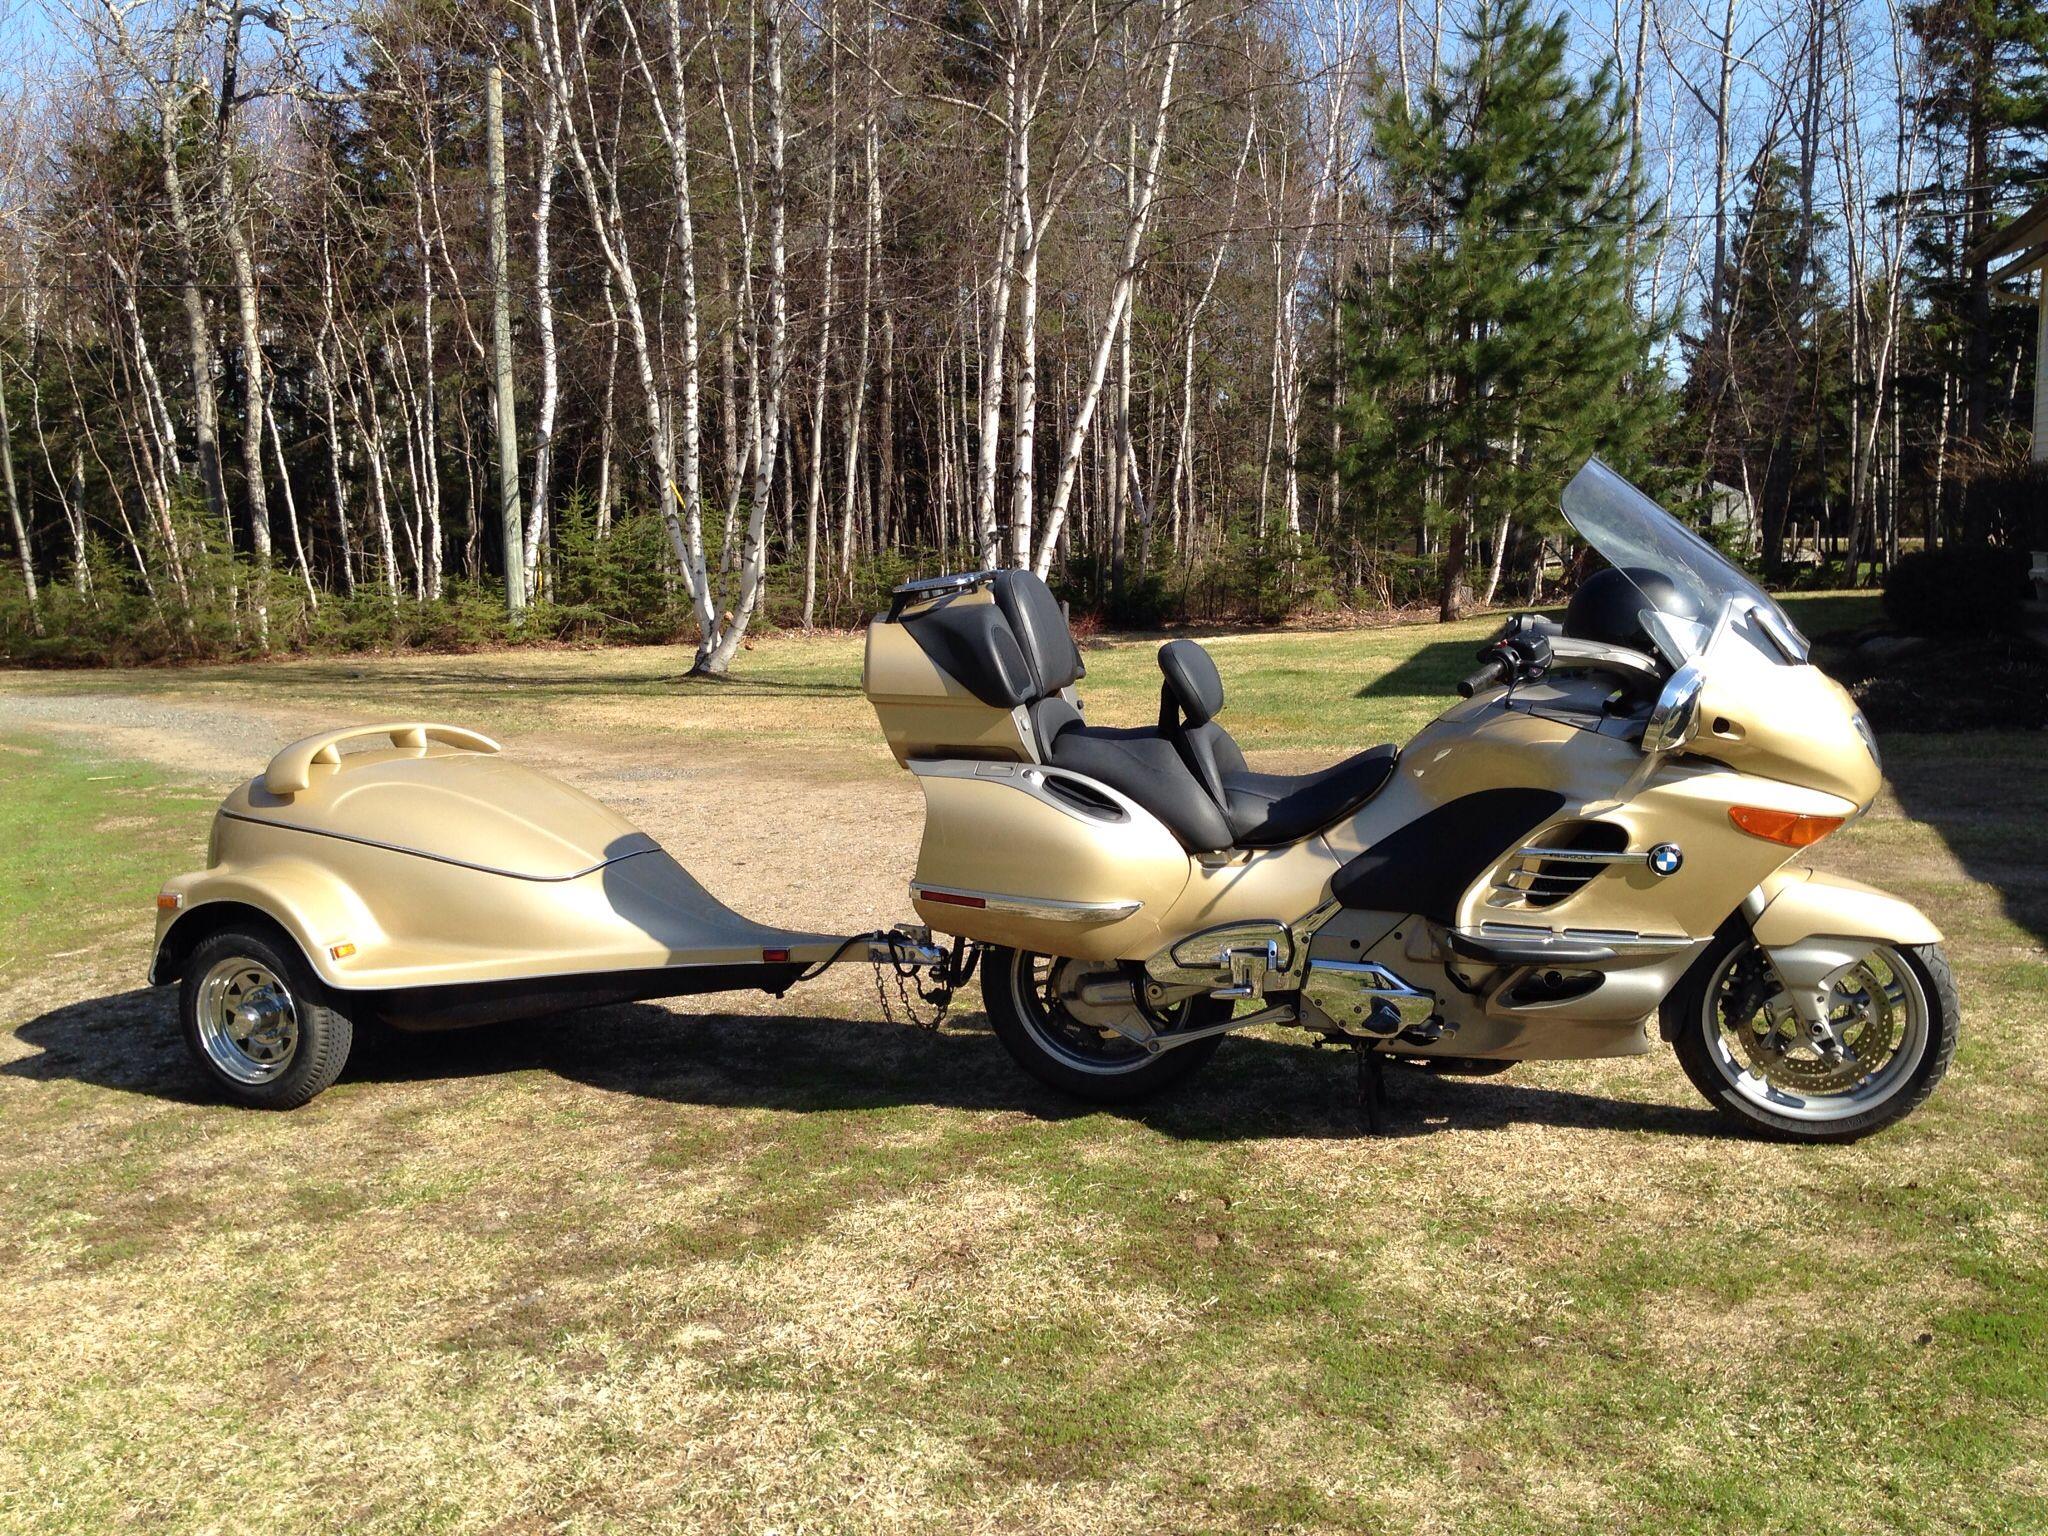 Bmw K1200 Lt 2005 Bmw Motorcycles Bmw Bike